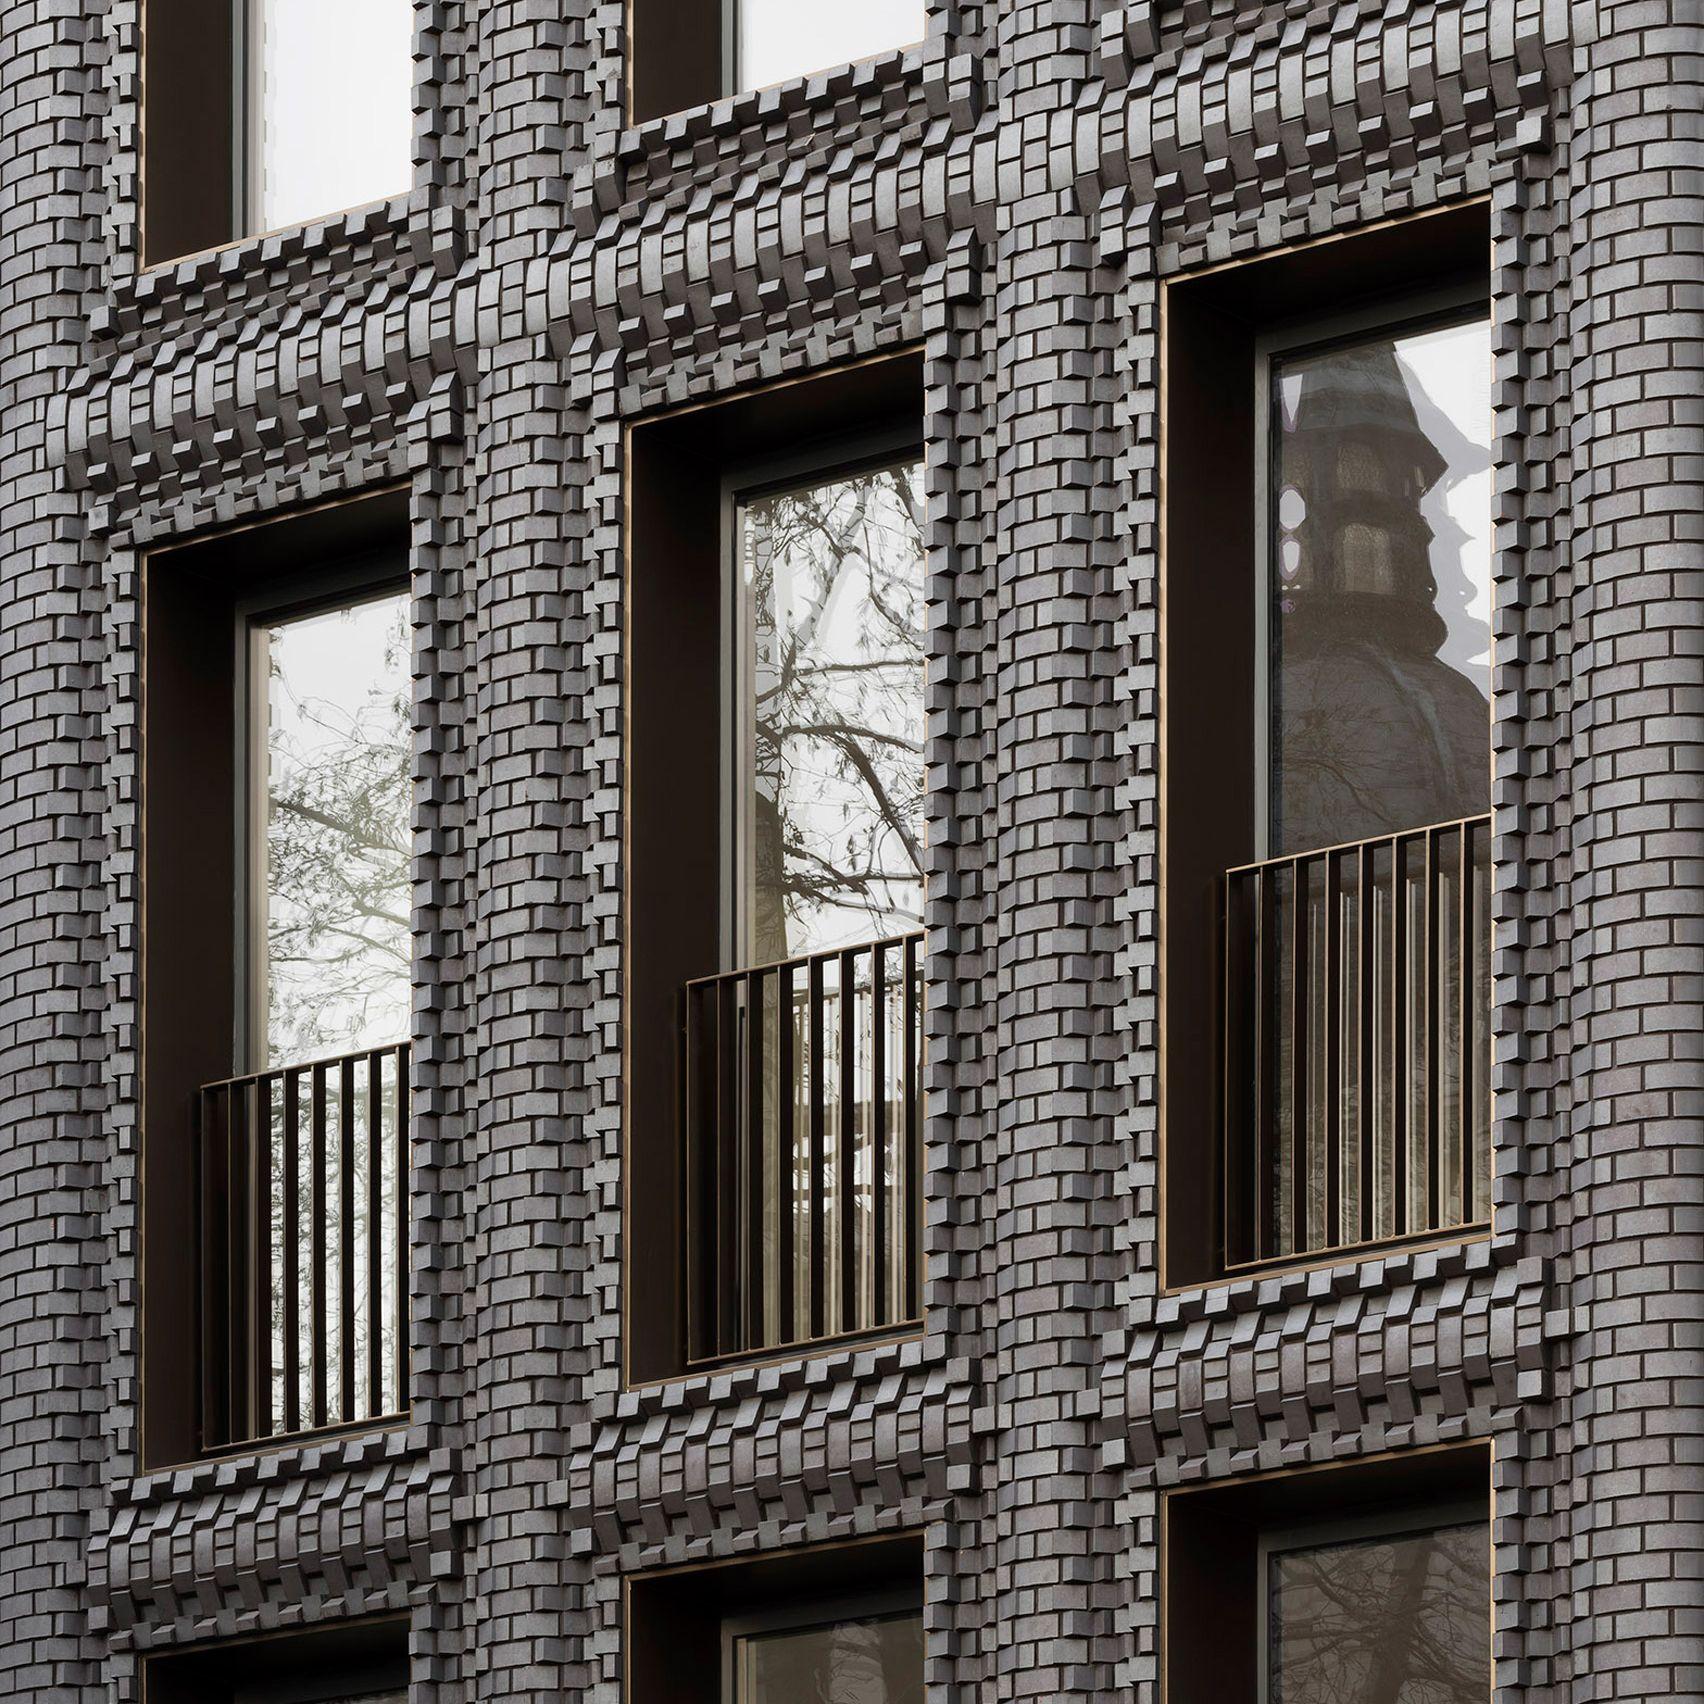 Bureau De Change Inserts Textured Brick Building Into